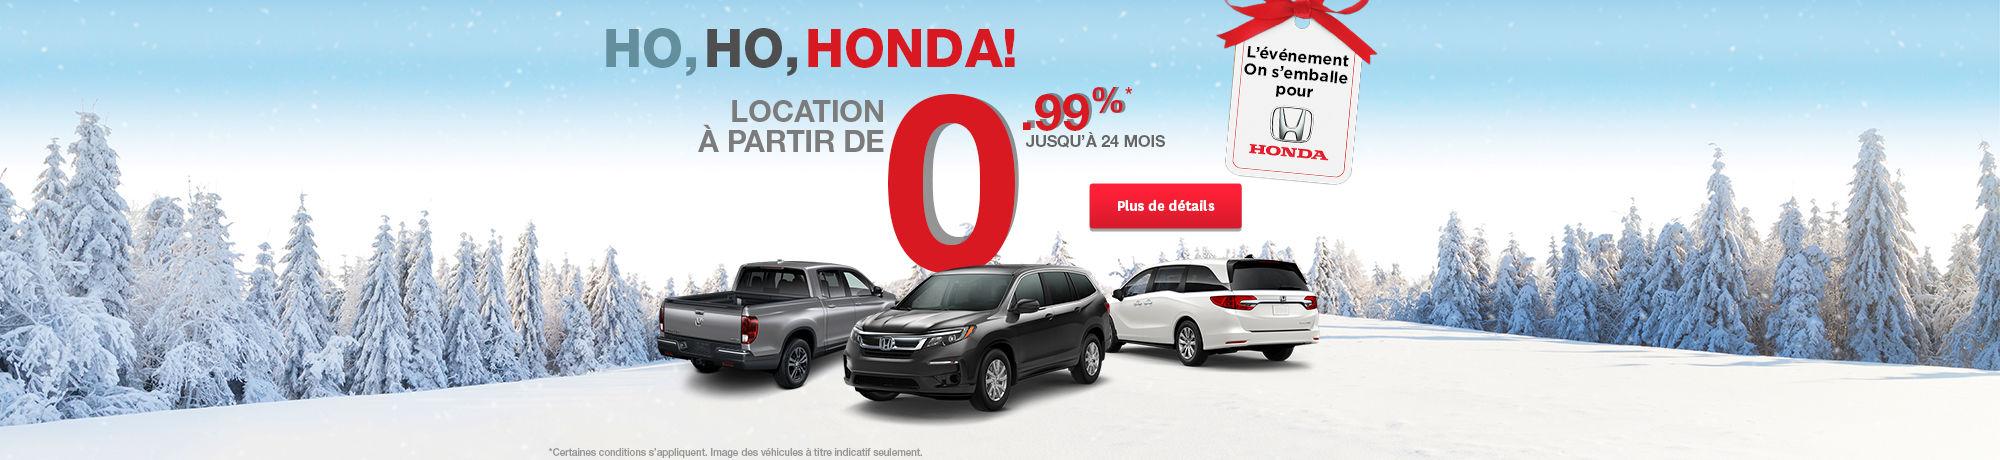 Événement Honda